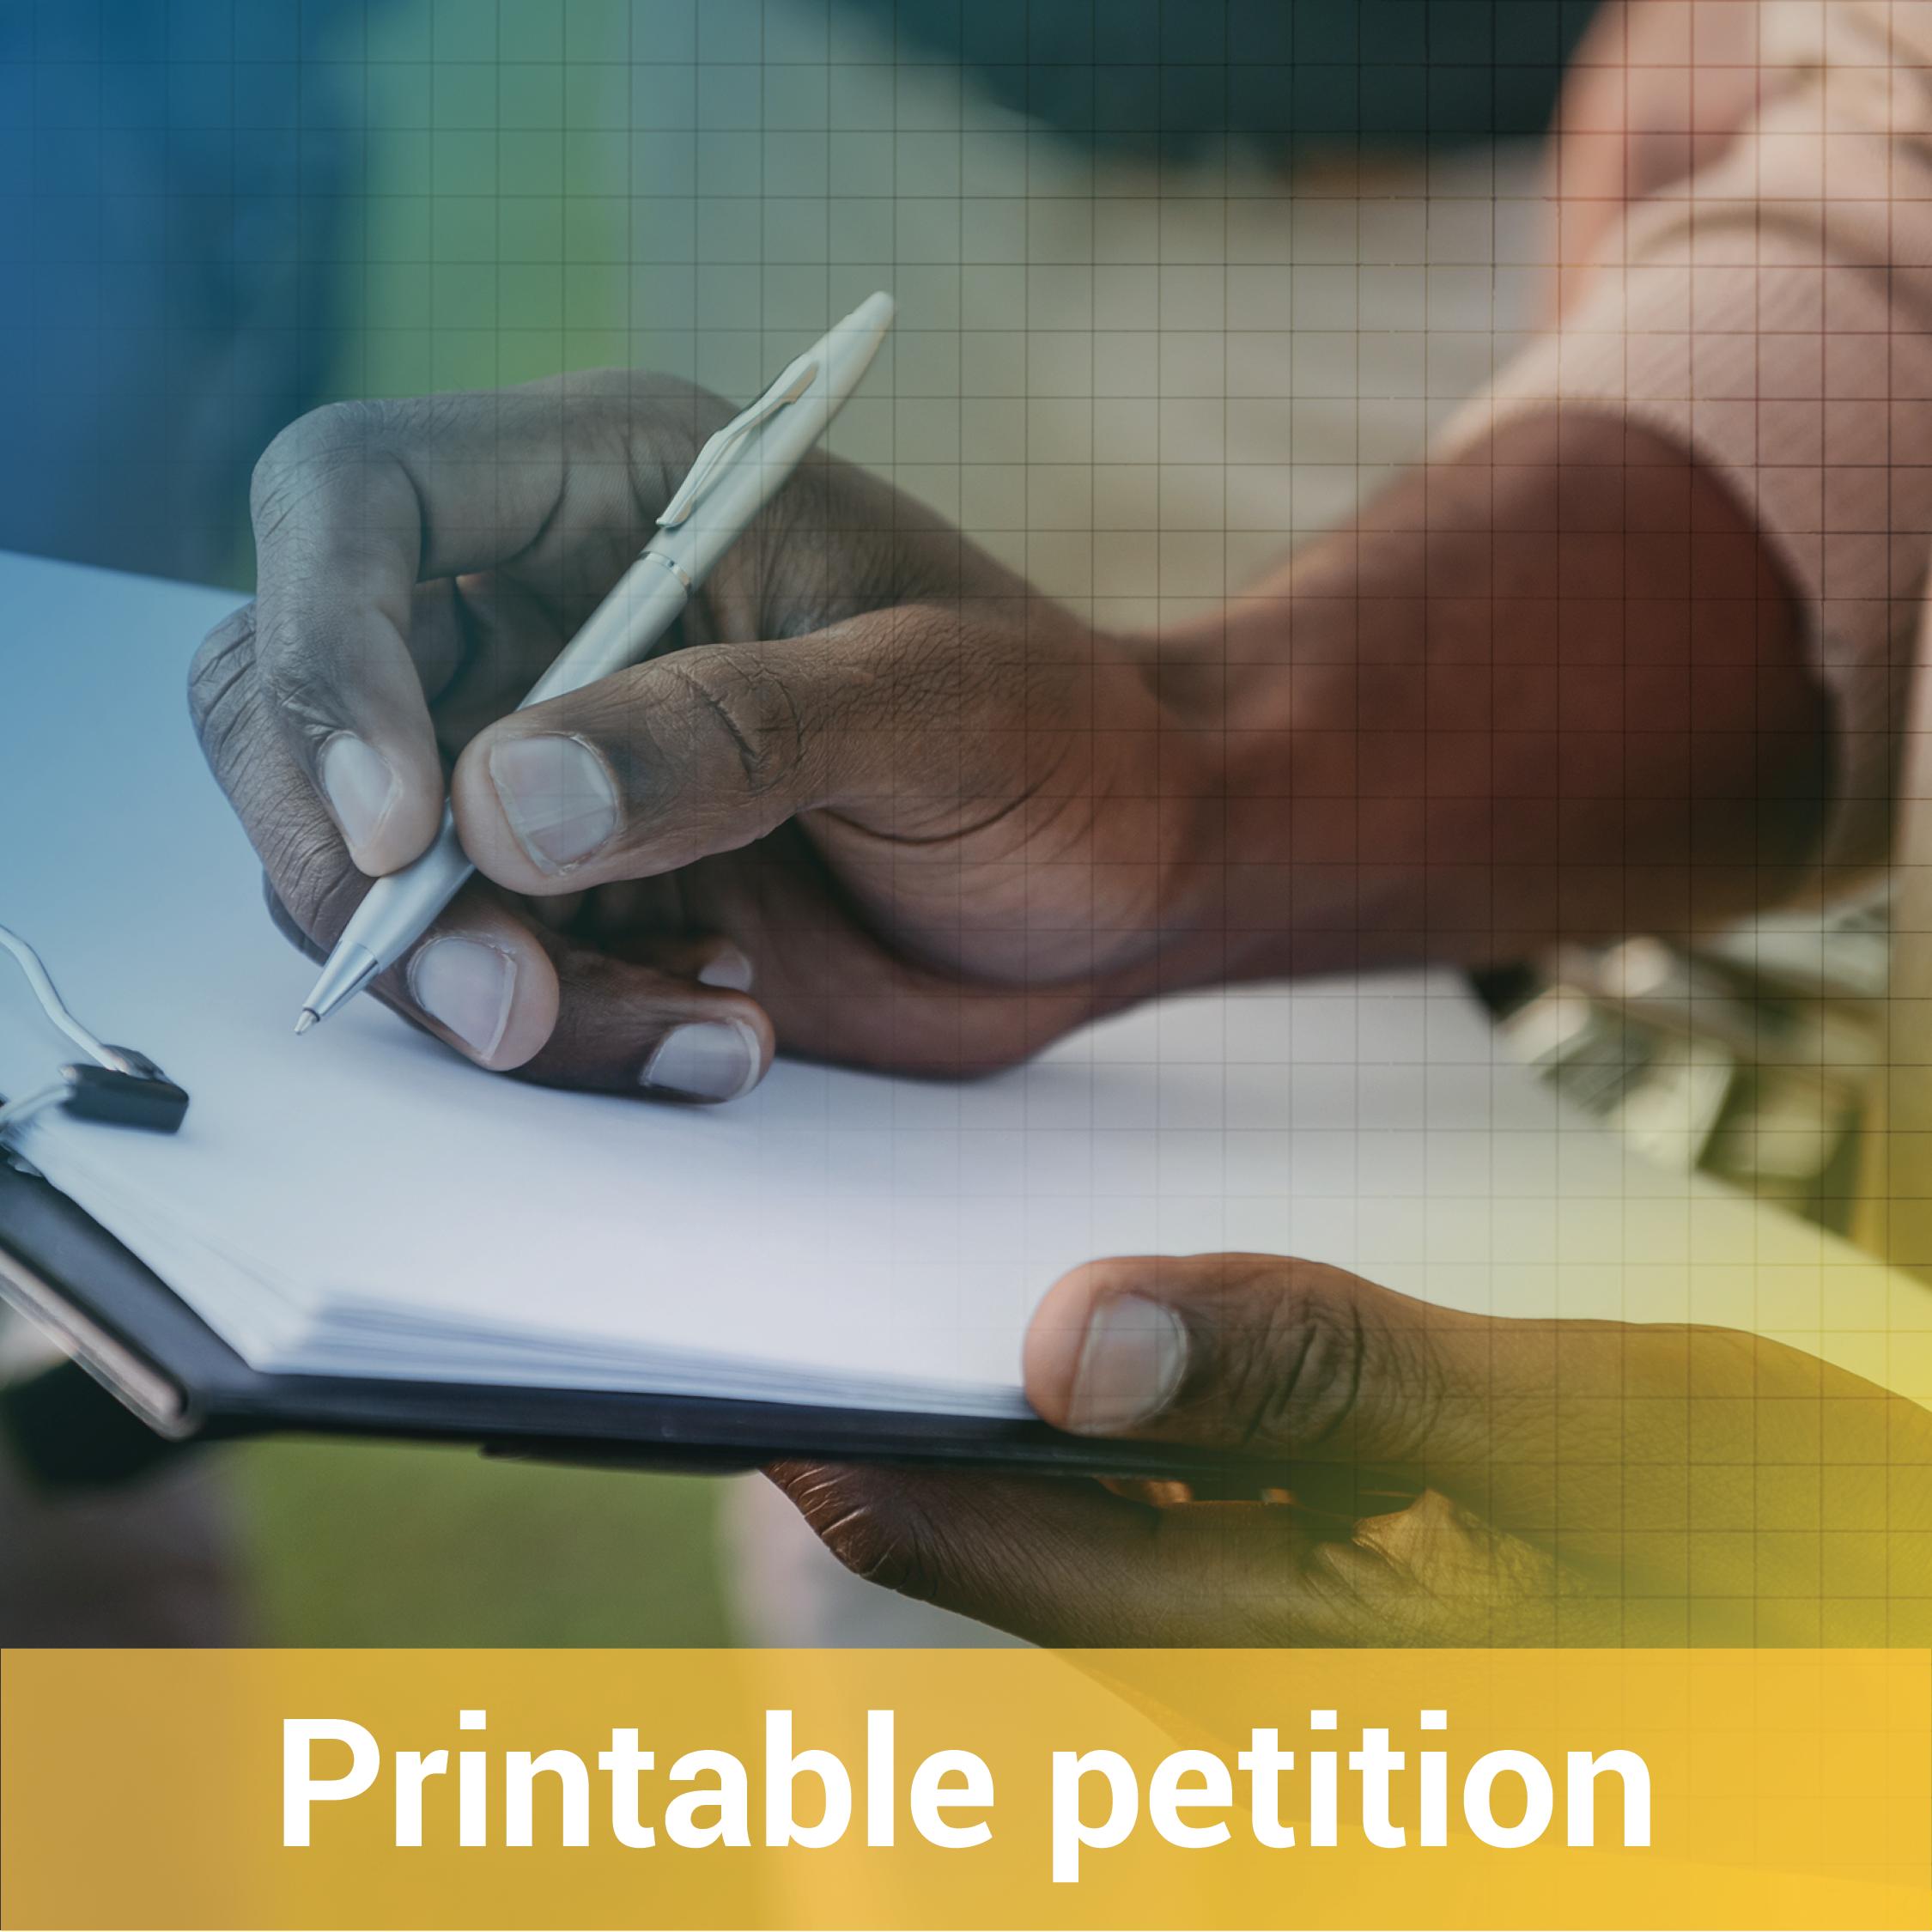 Printable petition